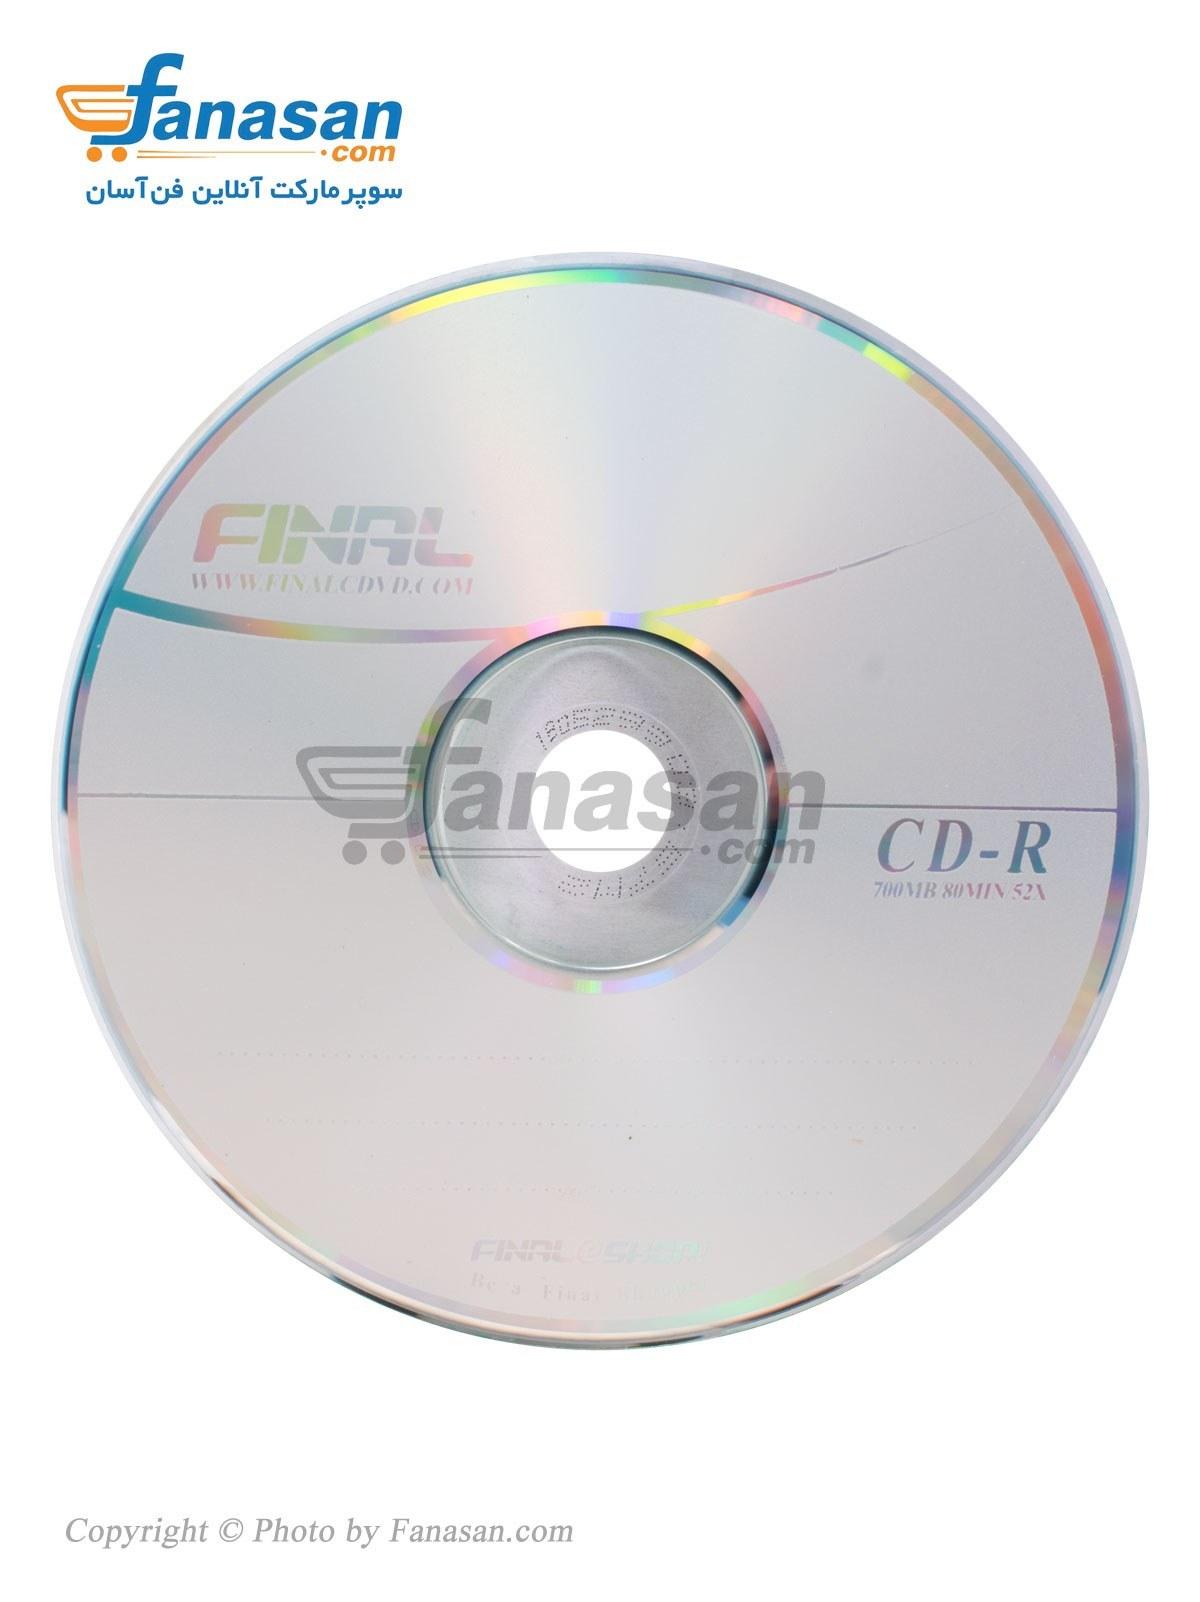 سی دی فاینال | Final CD-R